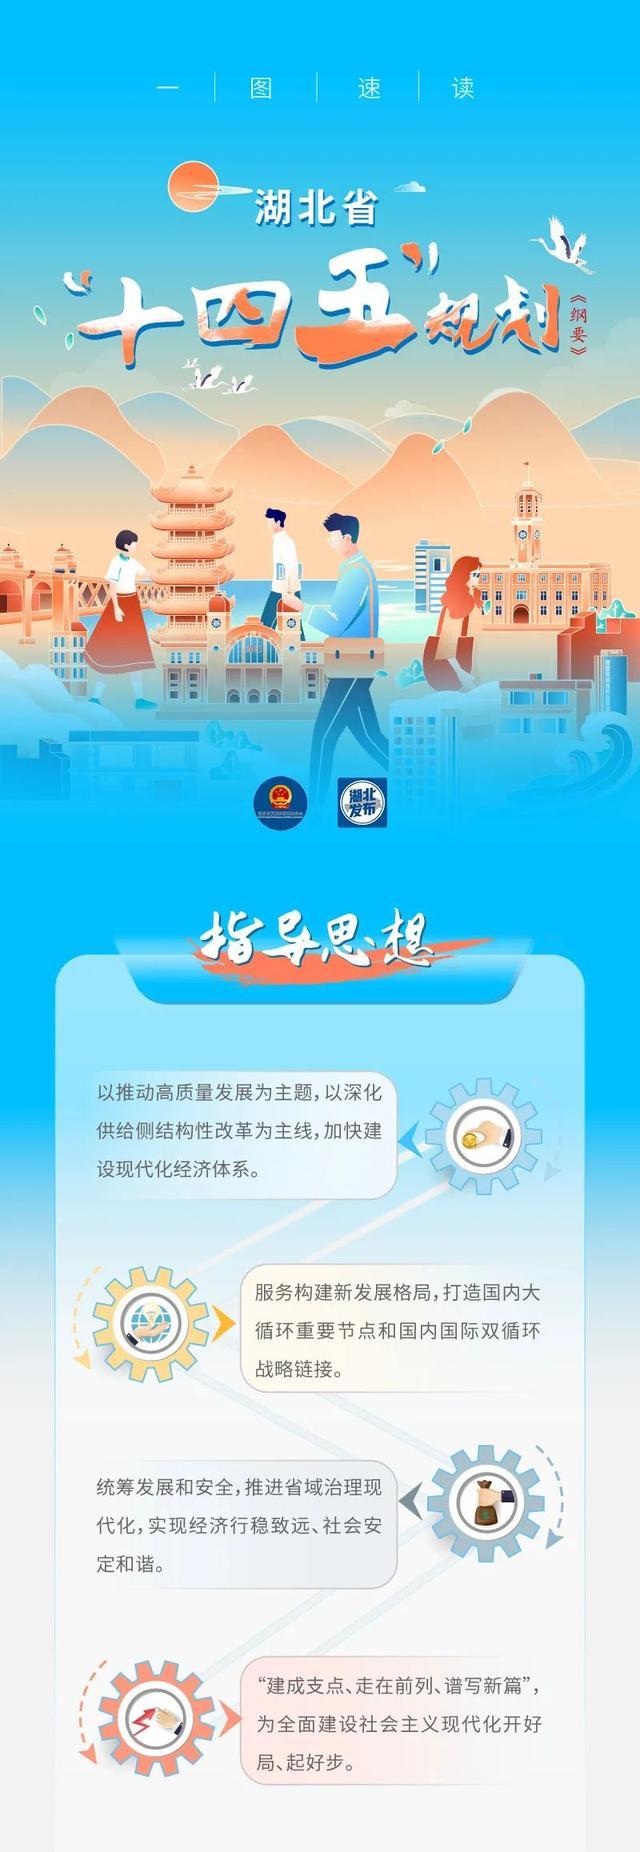 湖北省国民经济和社会发展第十四个五年规划和二〇三五年远景目标